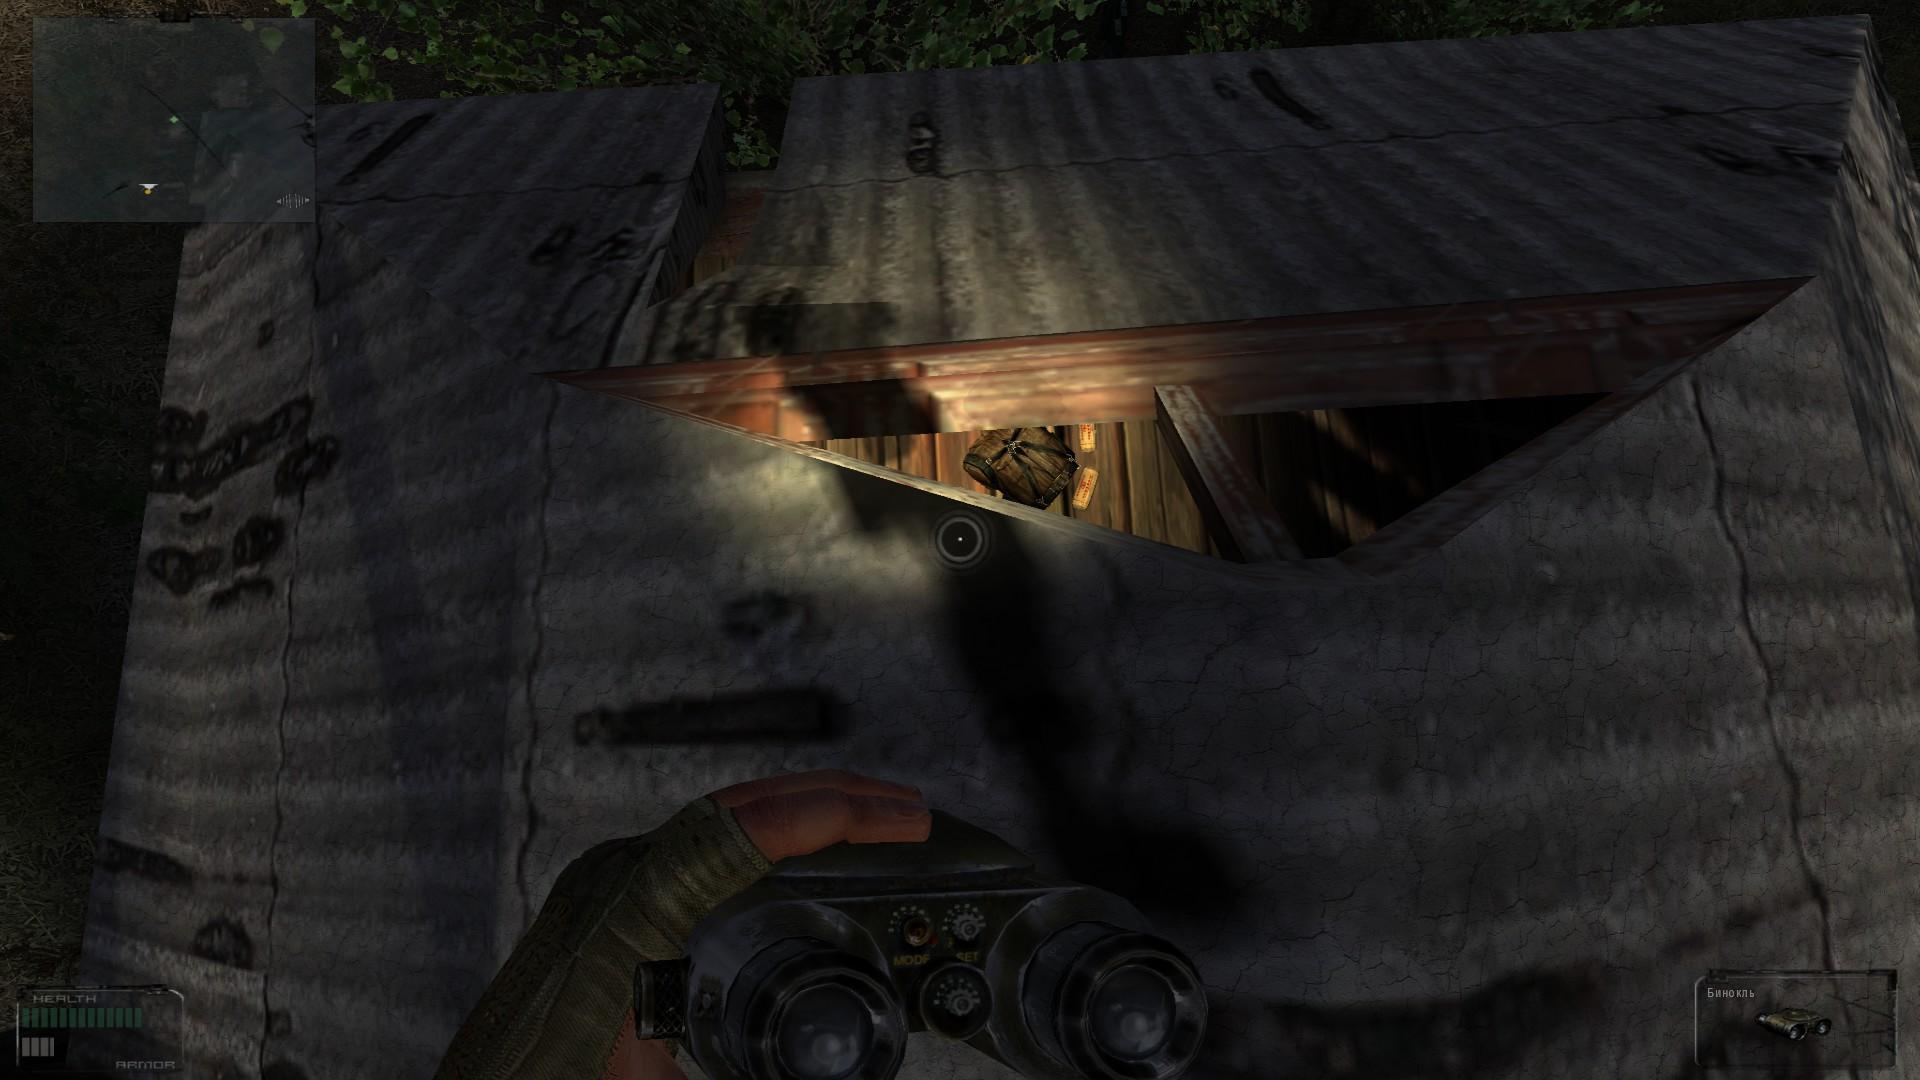 Oblivion Lost Remake 2.5 image 16